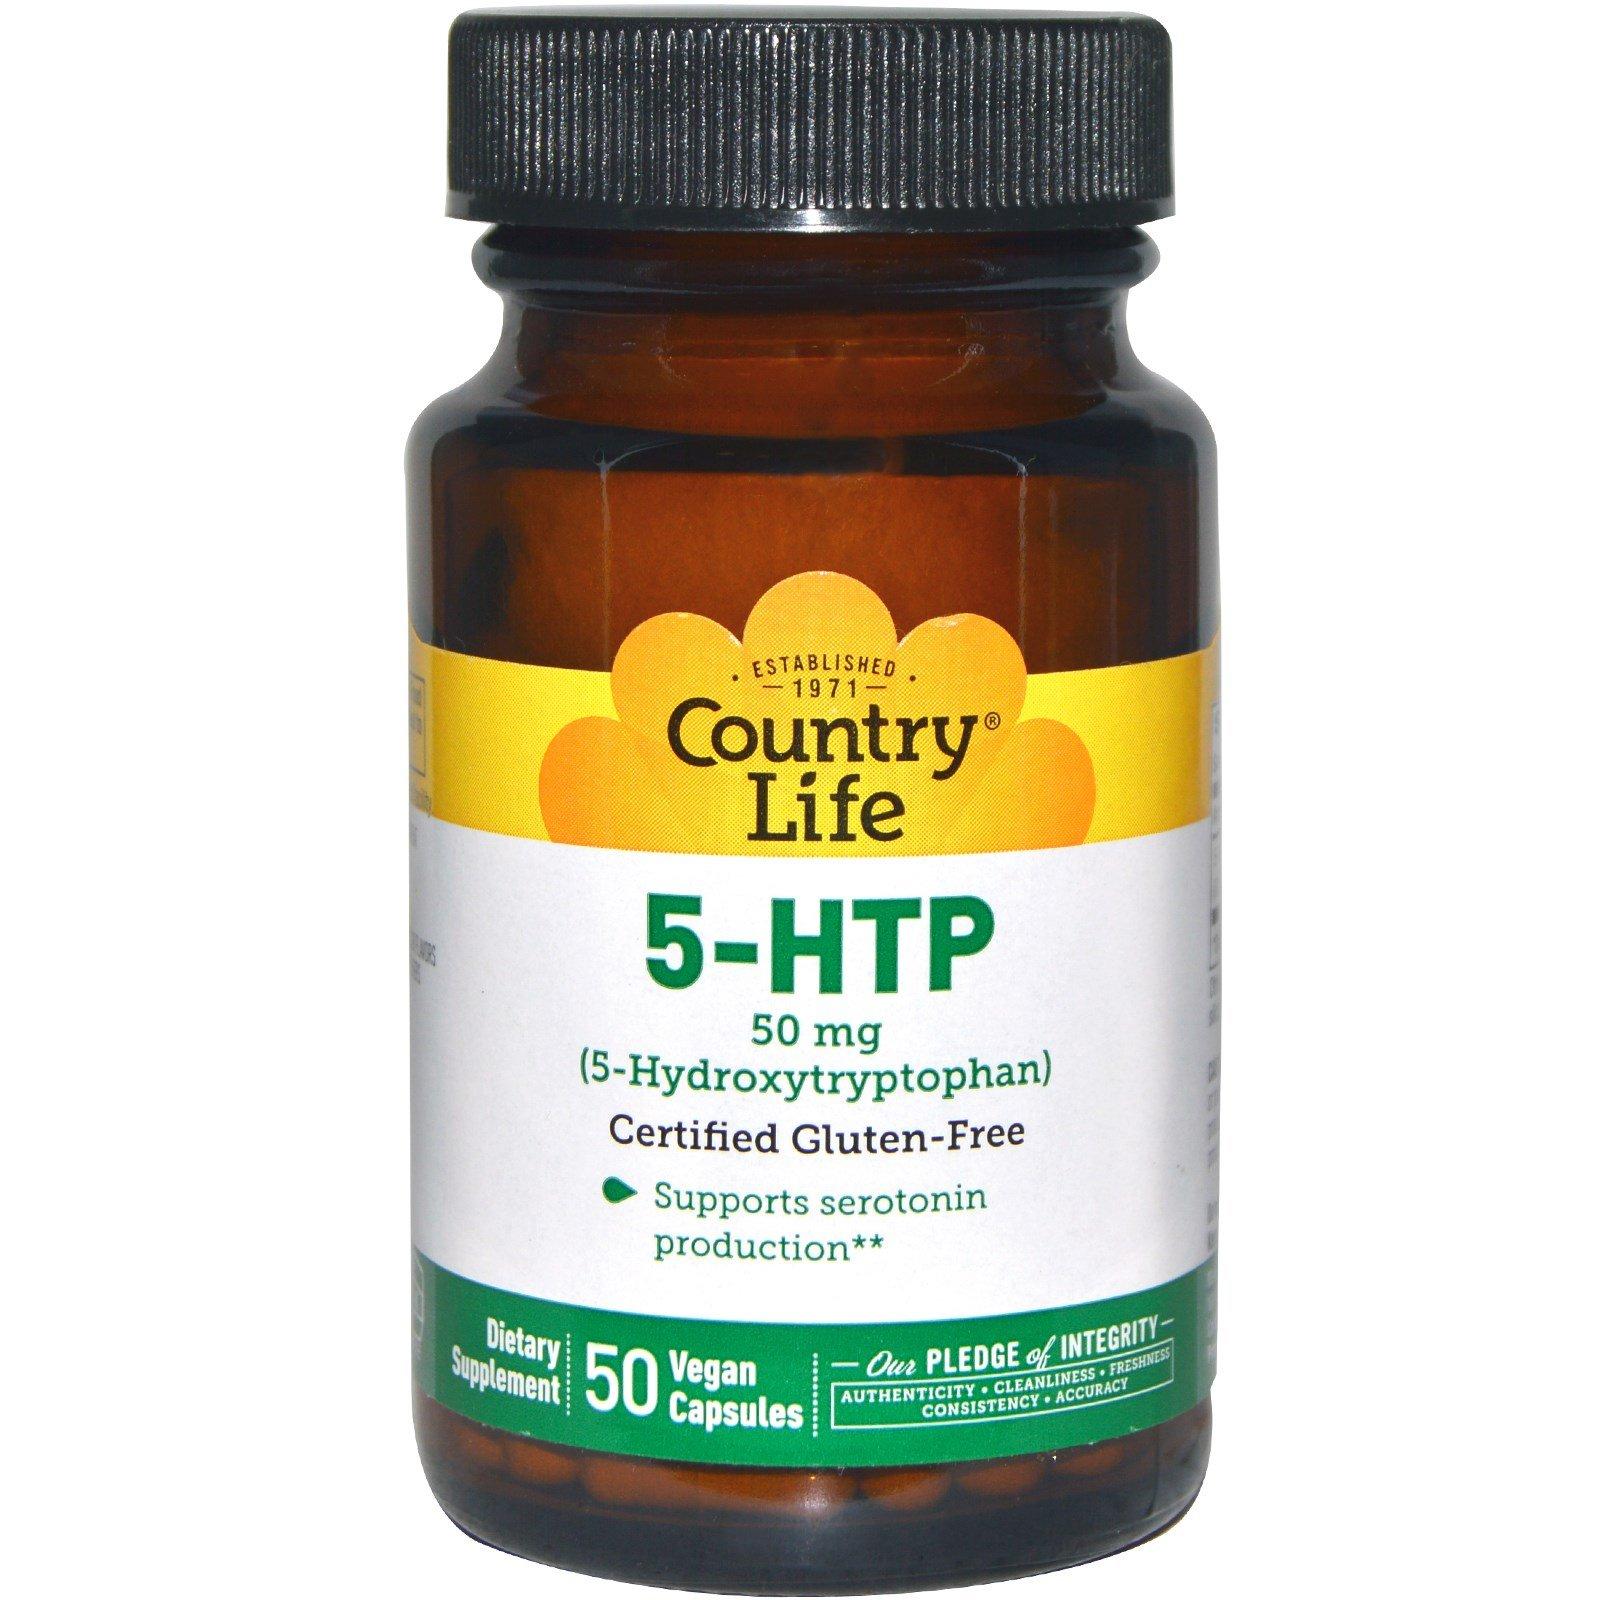 Country Life, 5-HTP, 50 mg, 50 Vegan Caps - 3PC